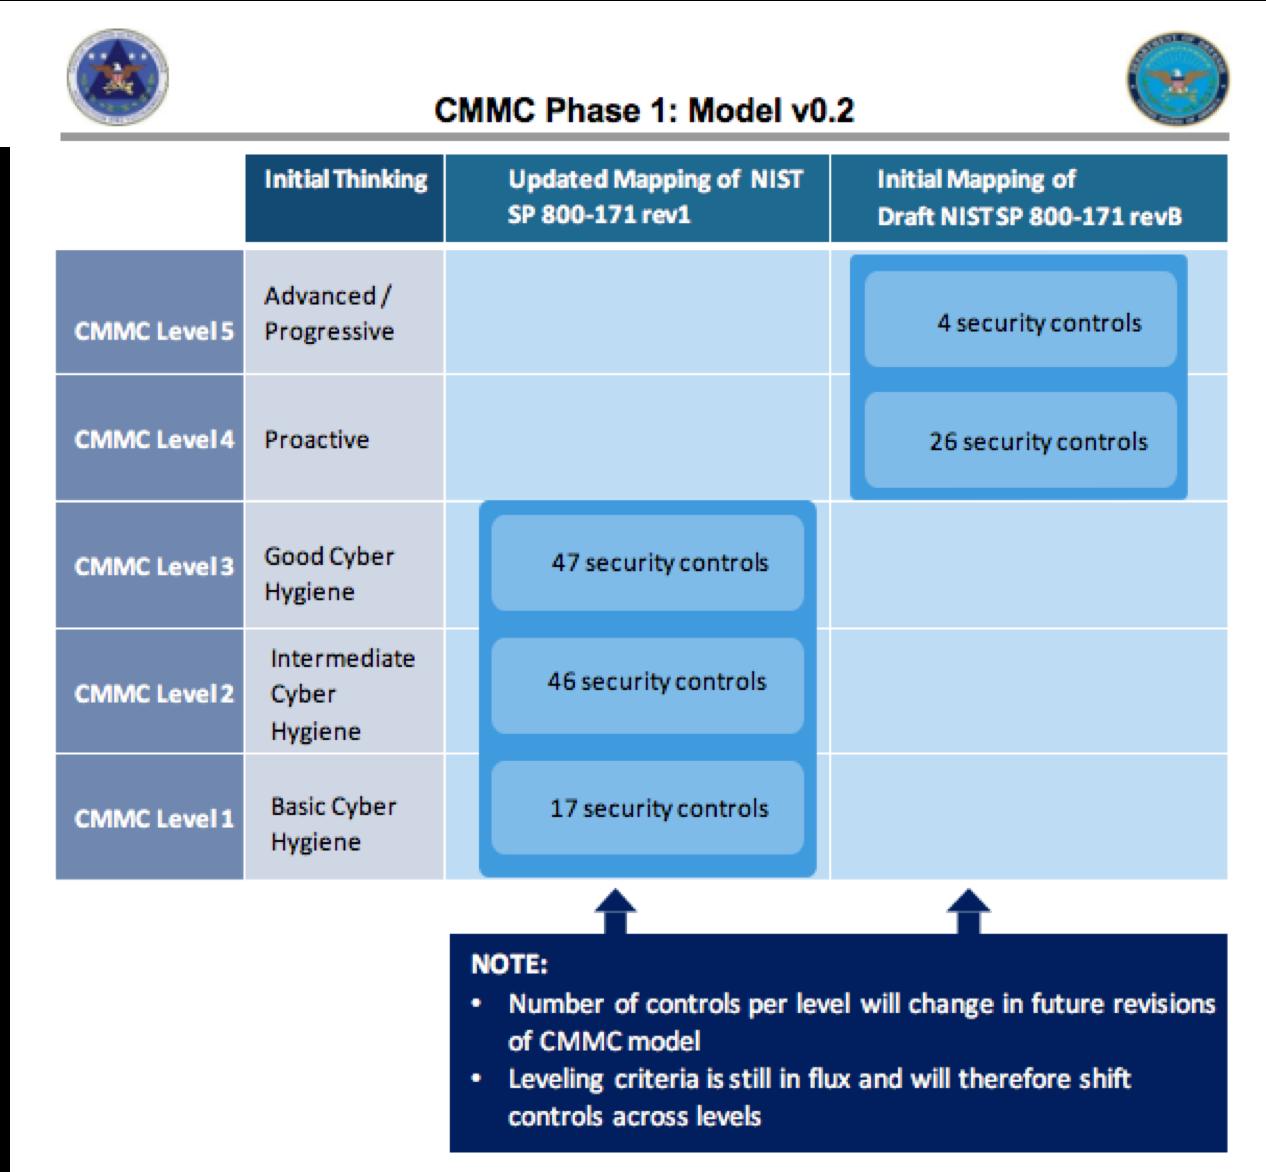 CMMC Phase 1 Model v0.2